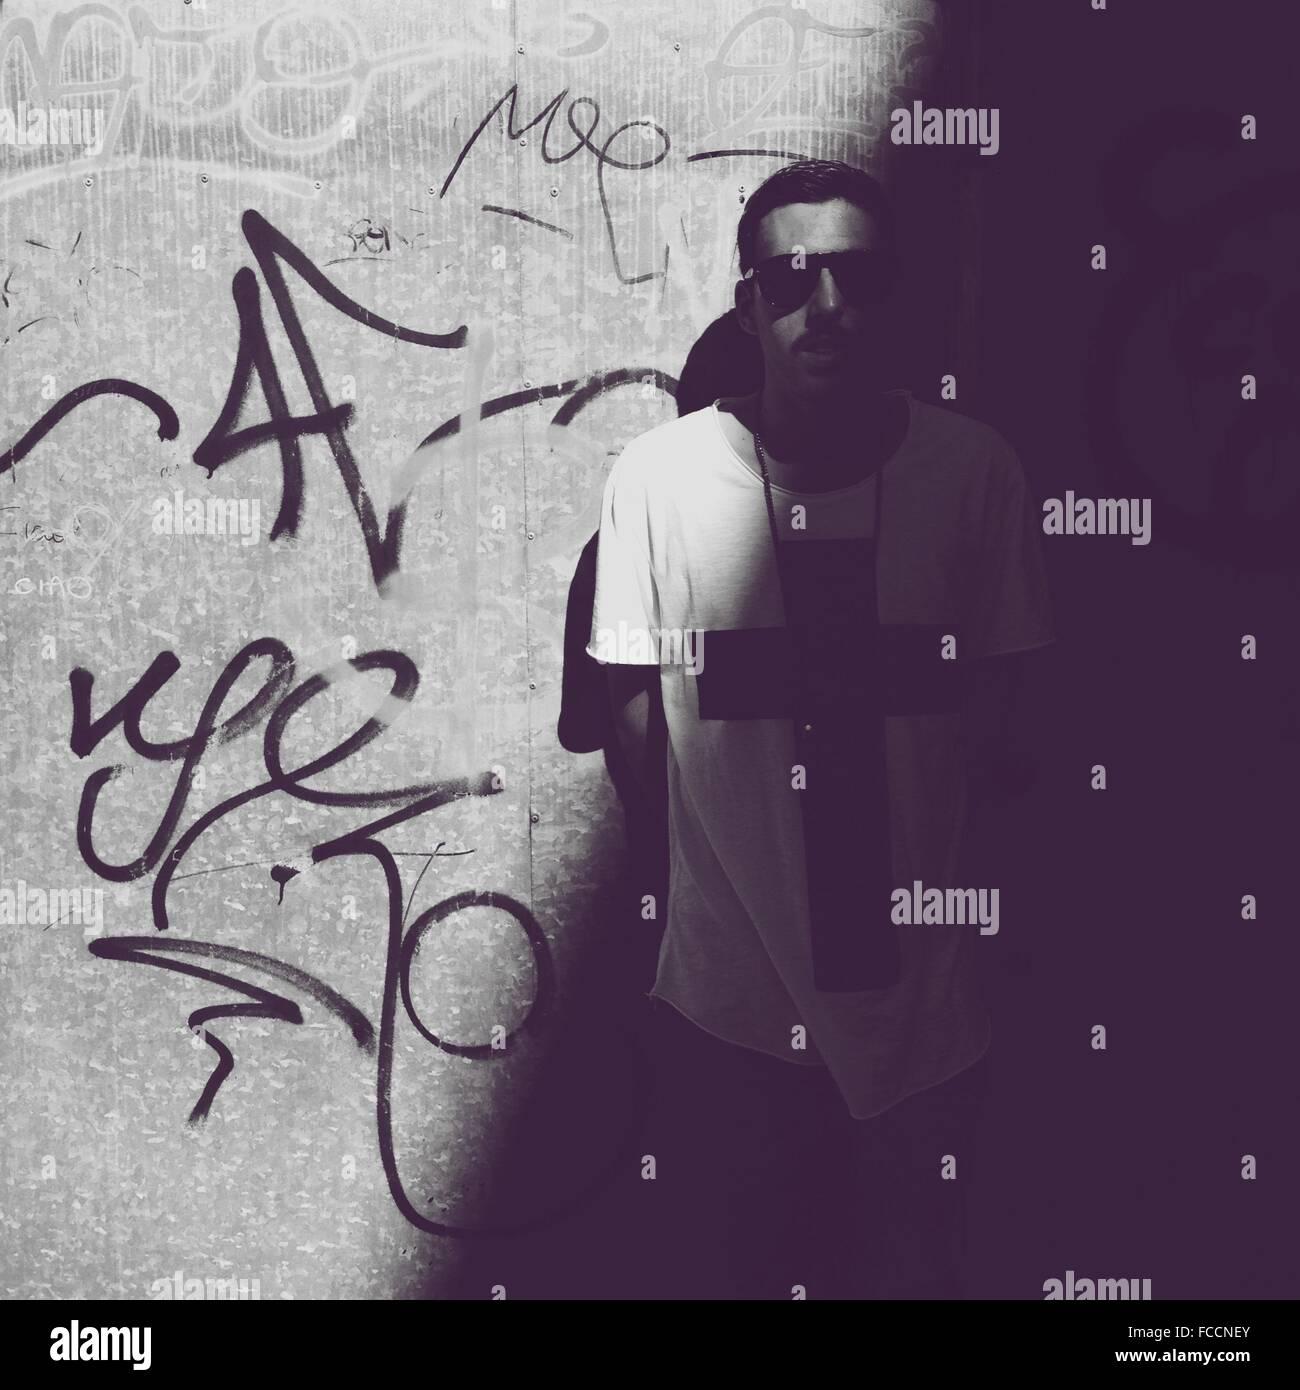 Man Standing By Graffiti - Stock Image